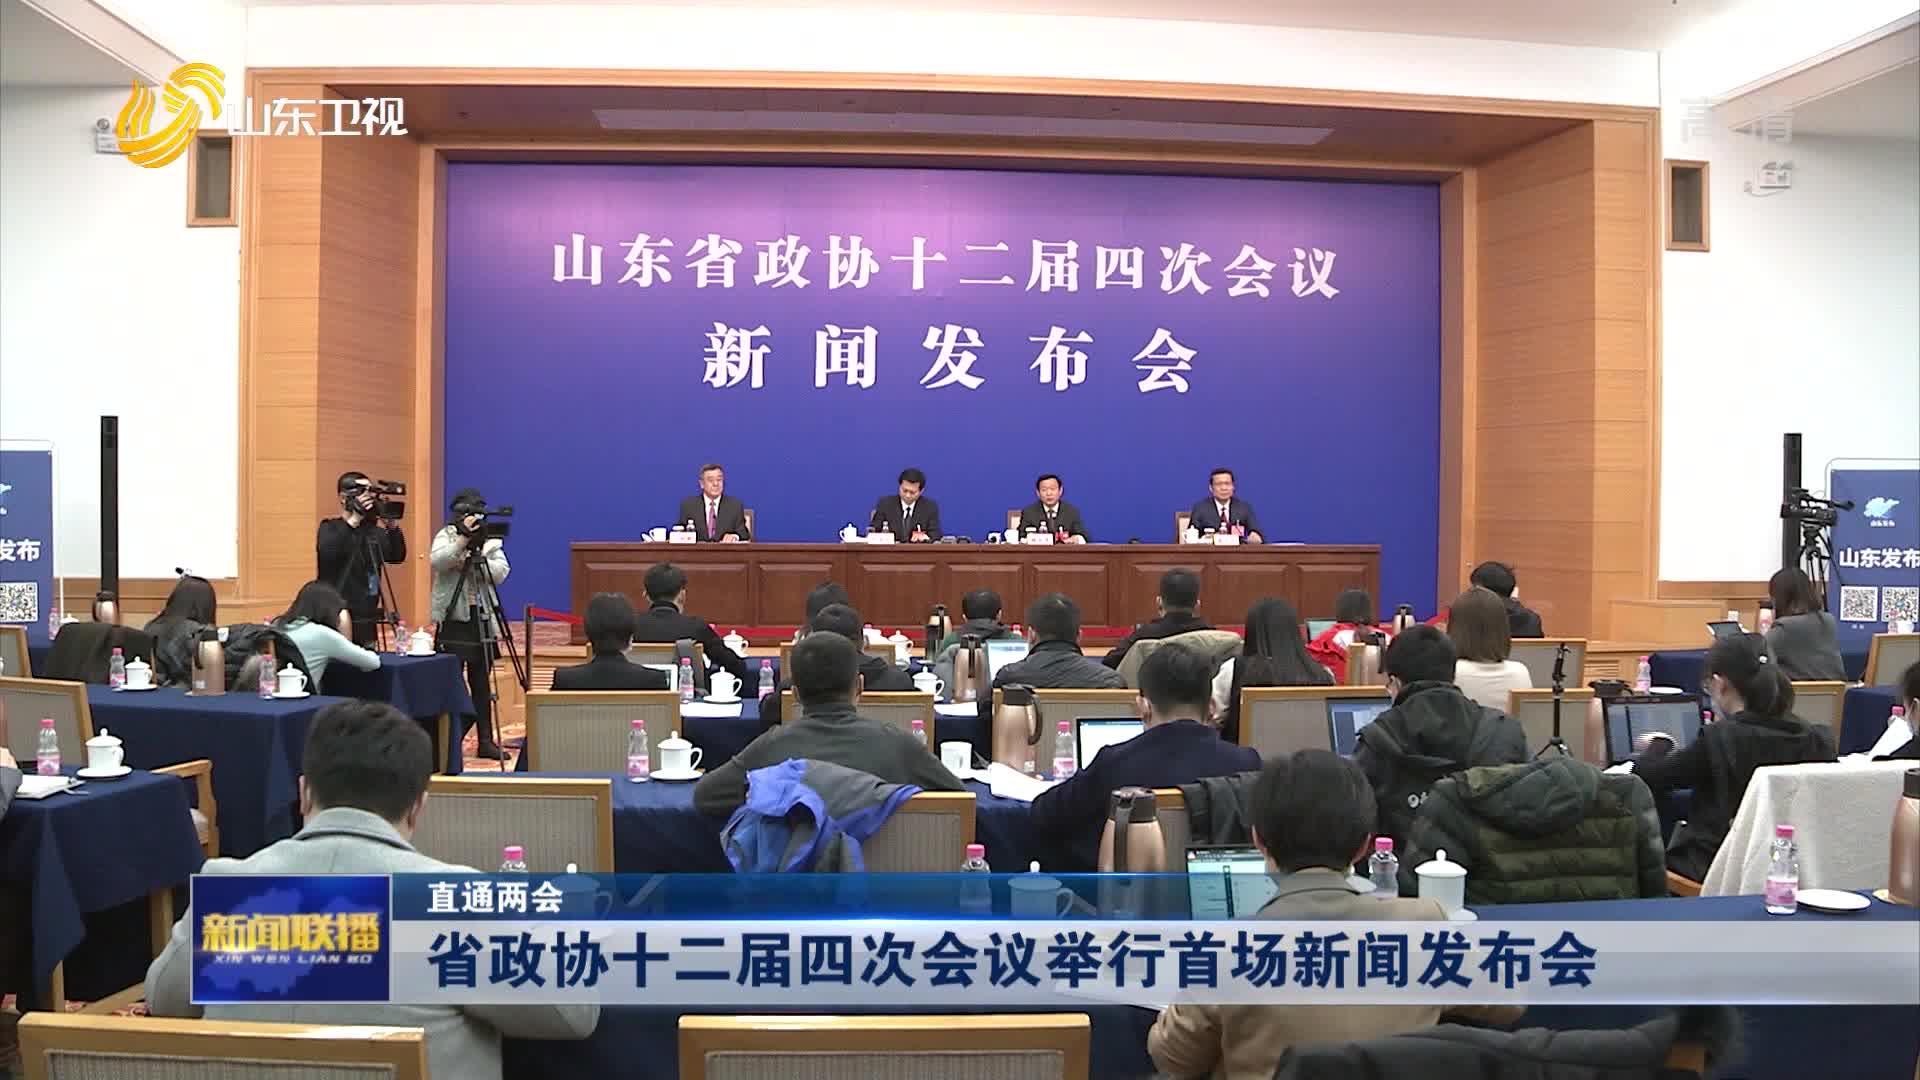 【直通两会】省政协十二届四次会议举行首场新闻发布会